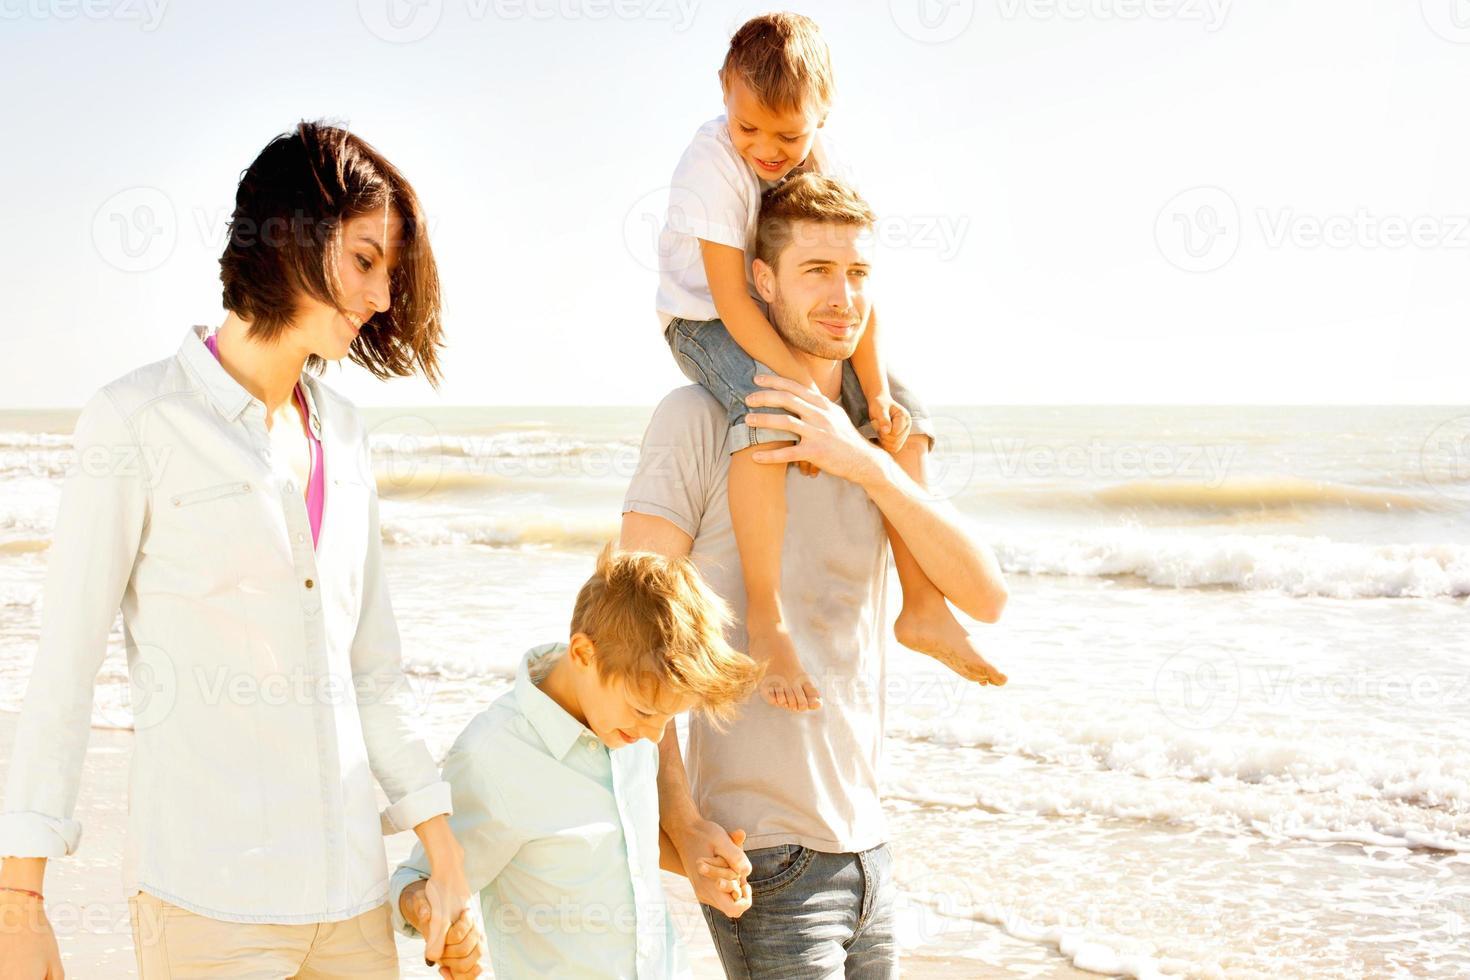 la famiglia si è divertita a camminare sulla spiaggia al mare foto